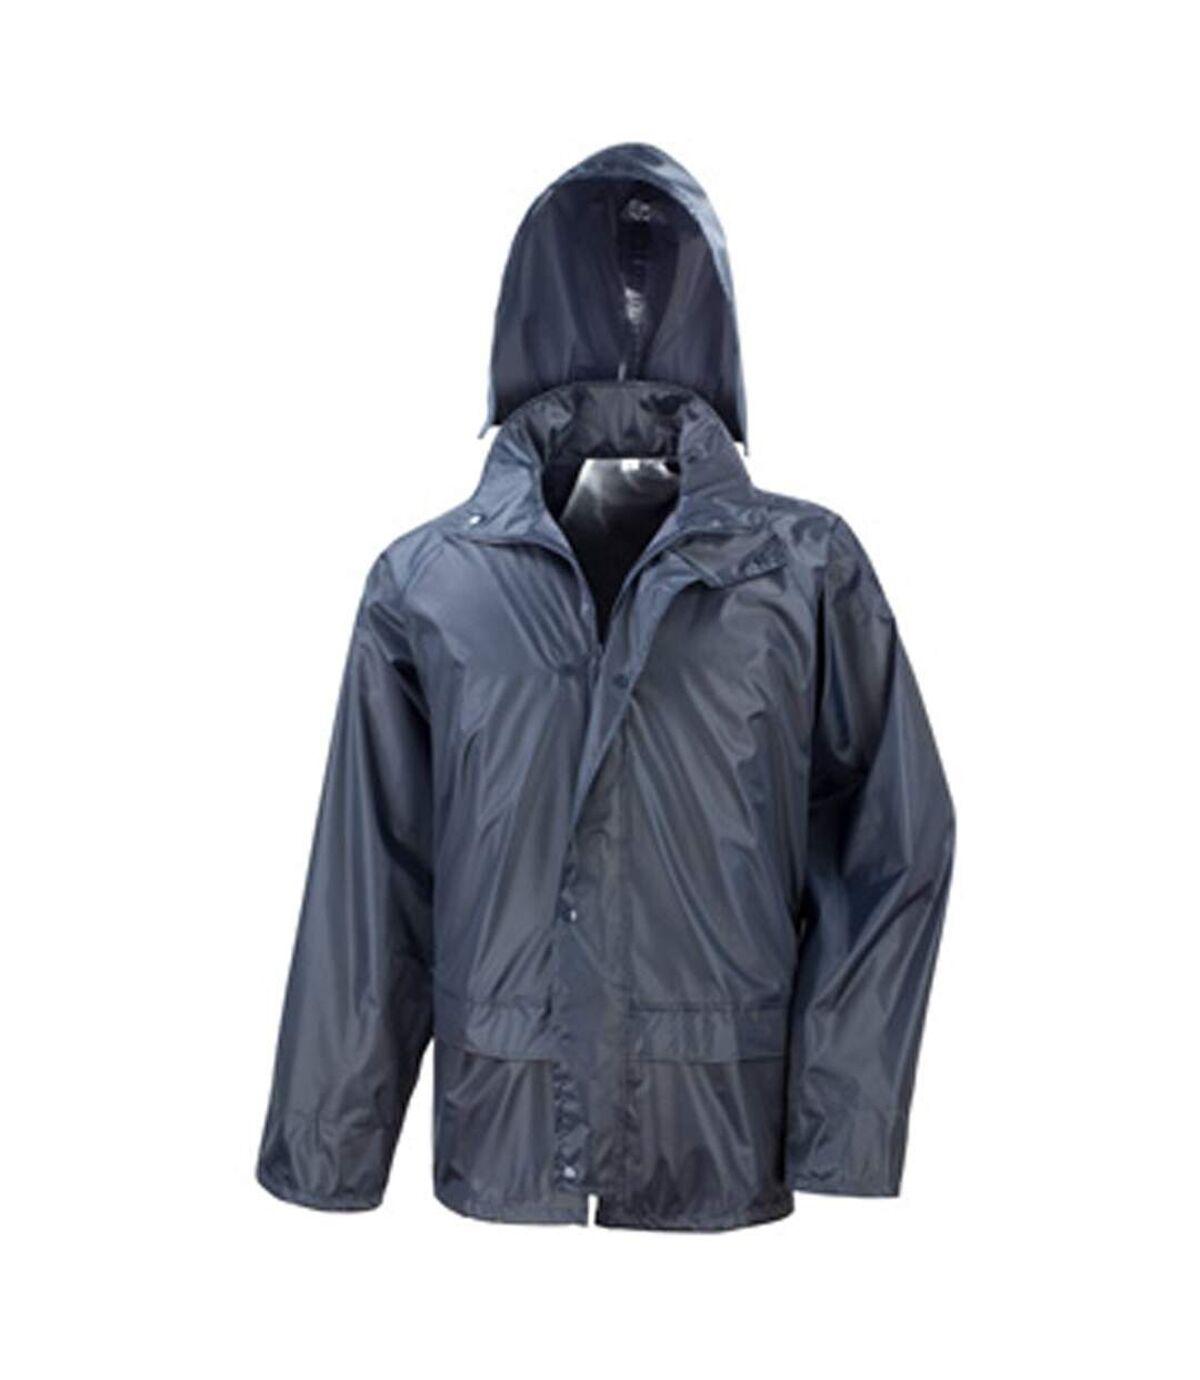 Result Mens Core Rain Suit (Trousers And Jacket Set) (Black) - UTBC916